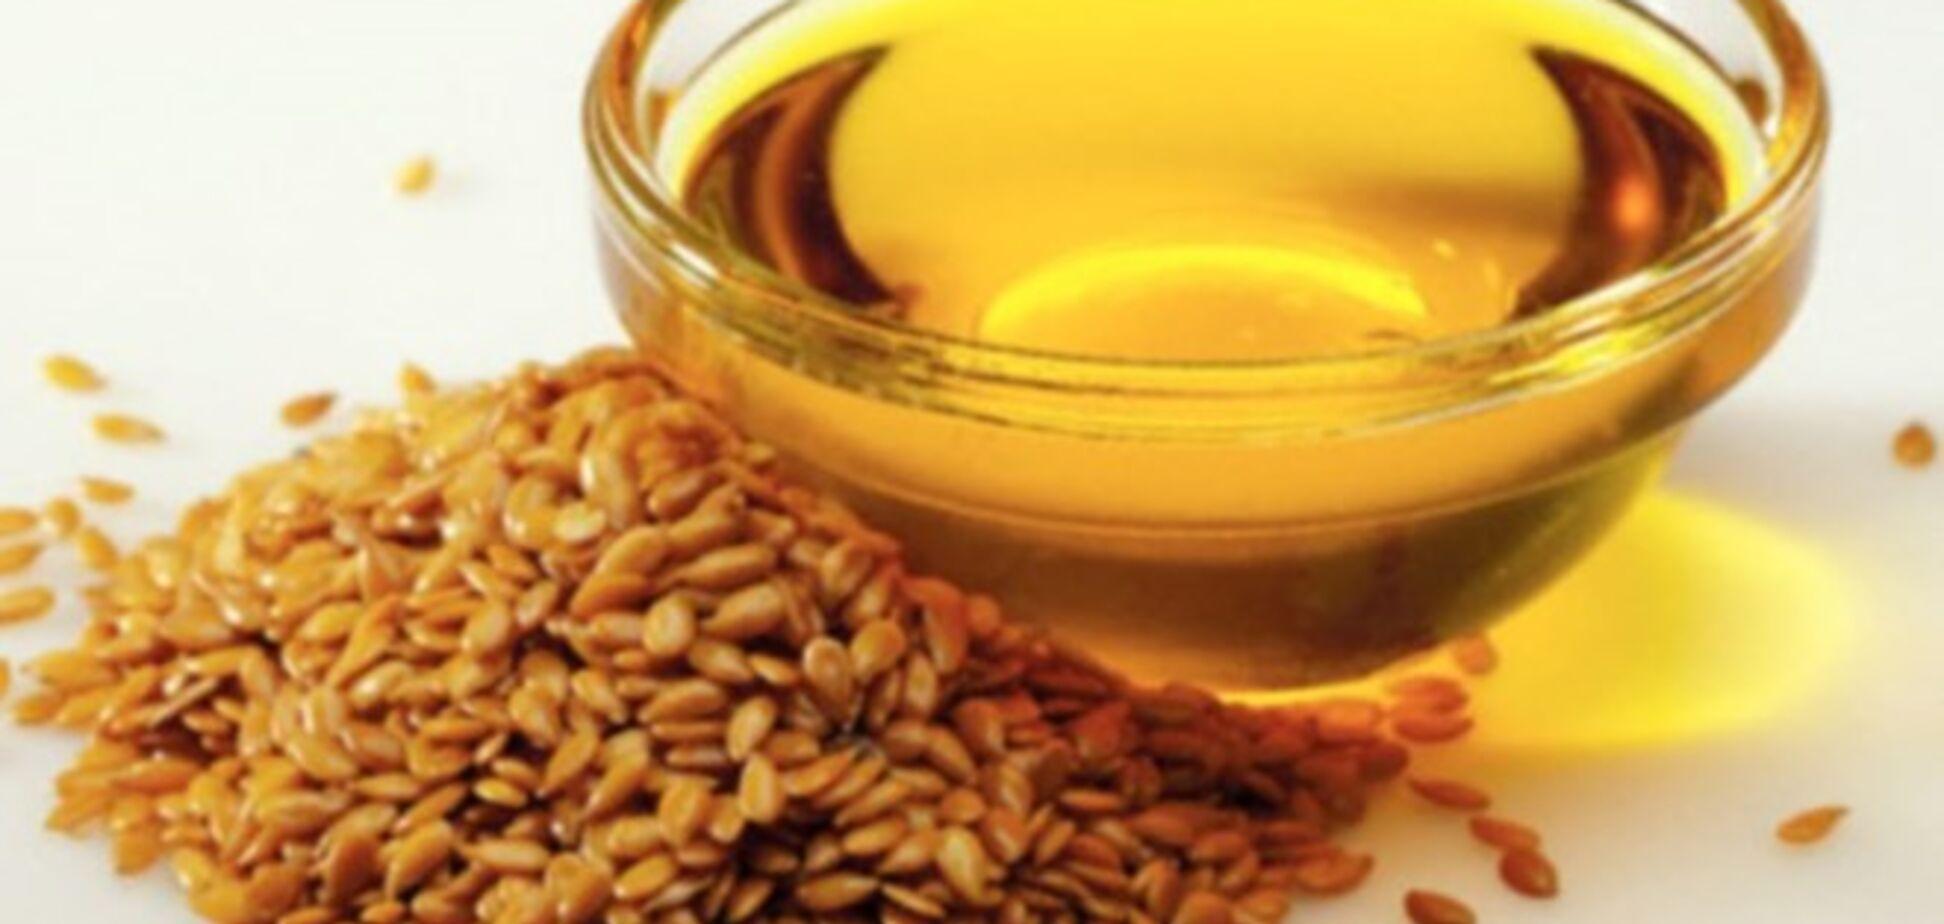 Льняное масло снижает риск инсульта и образования тромбов